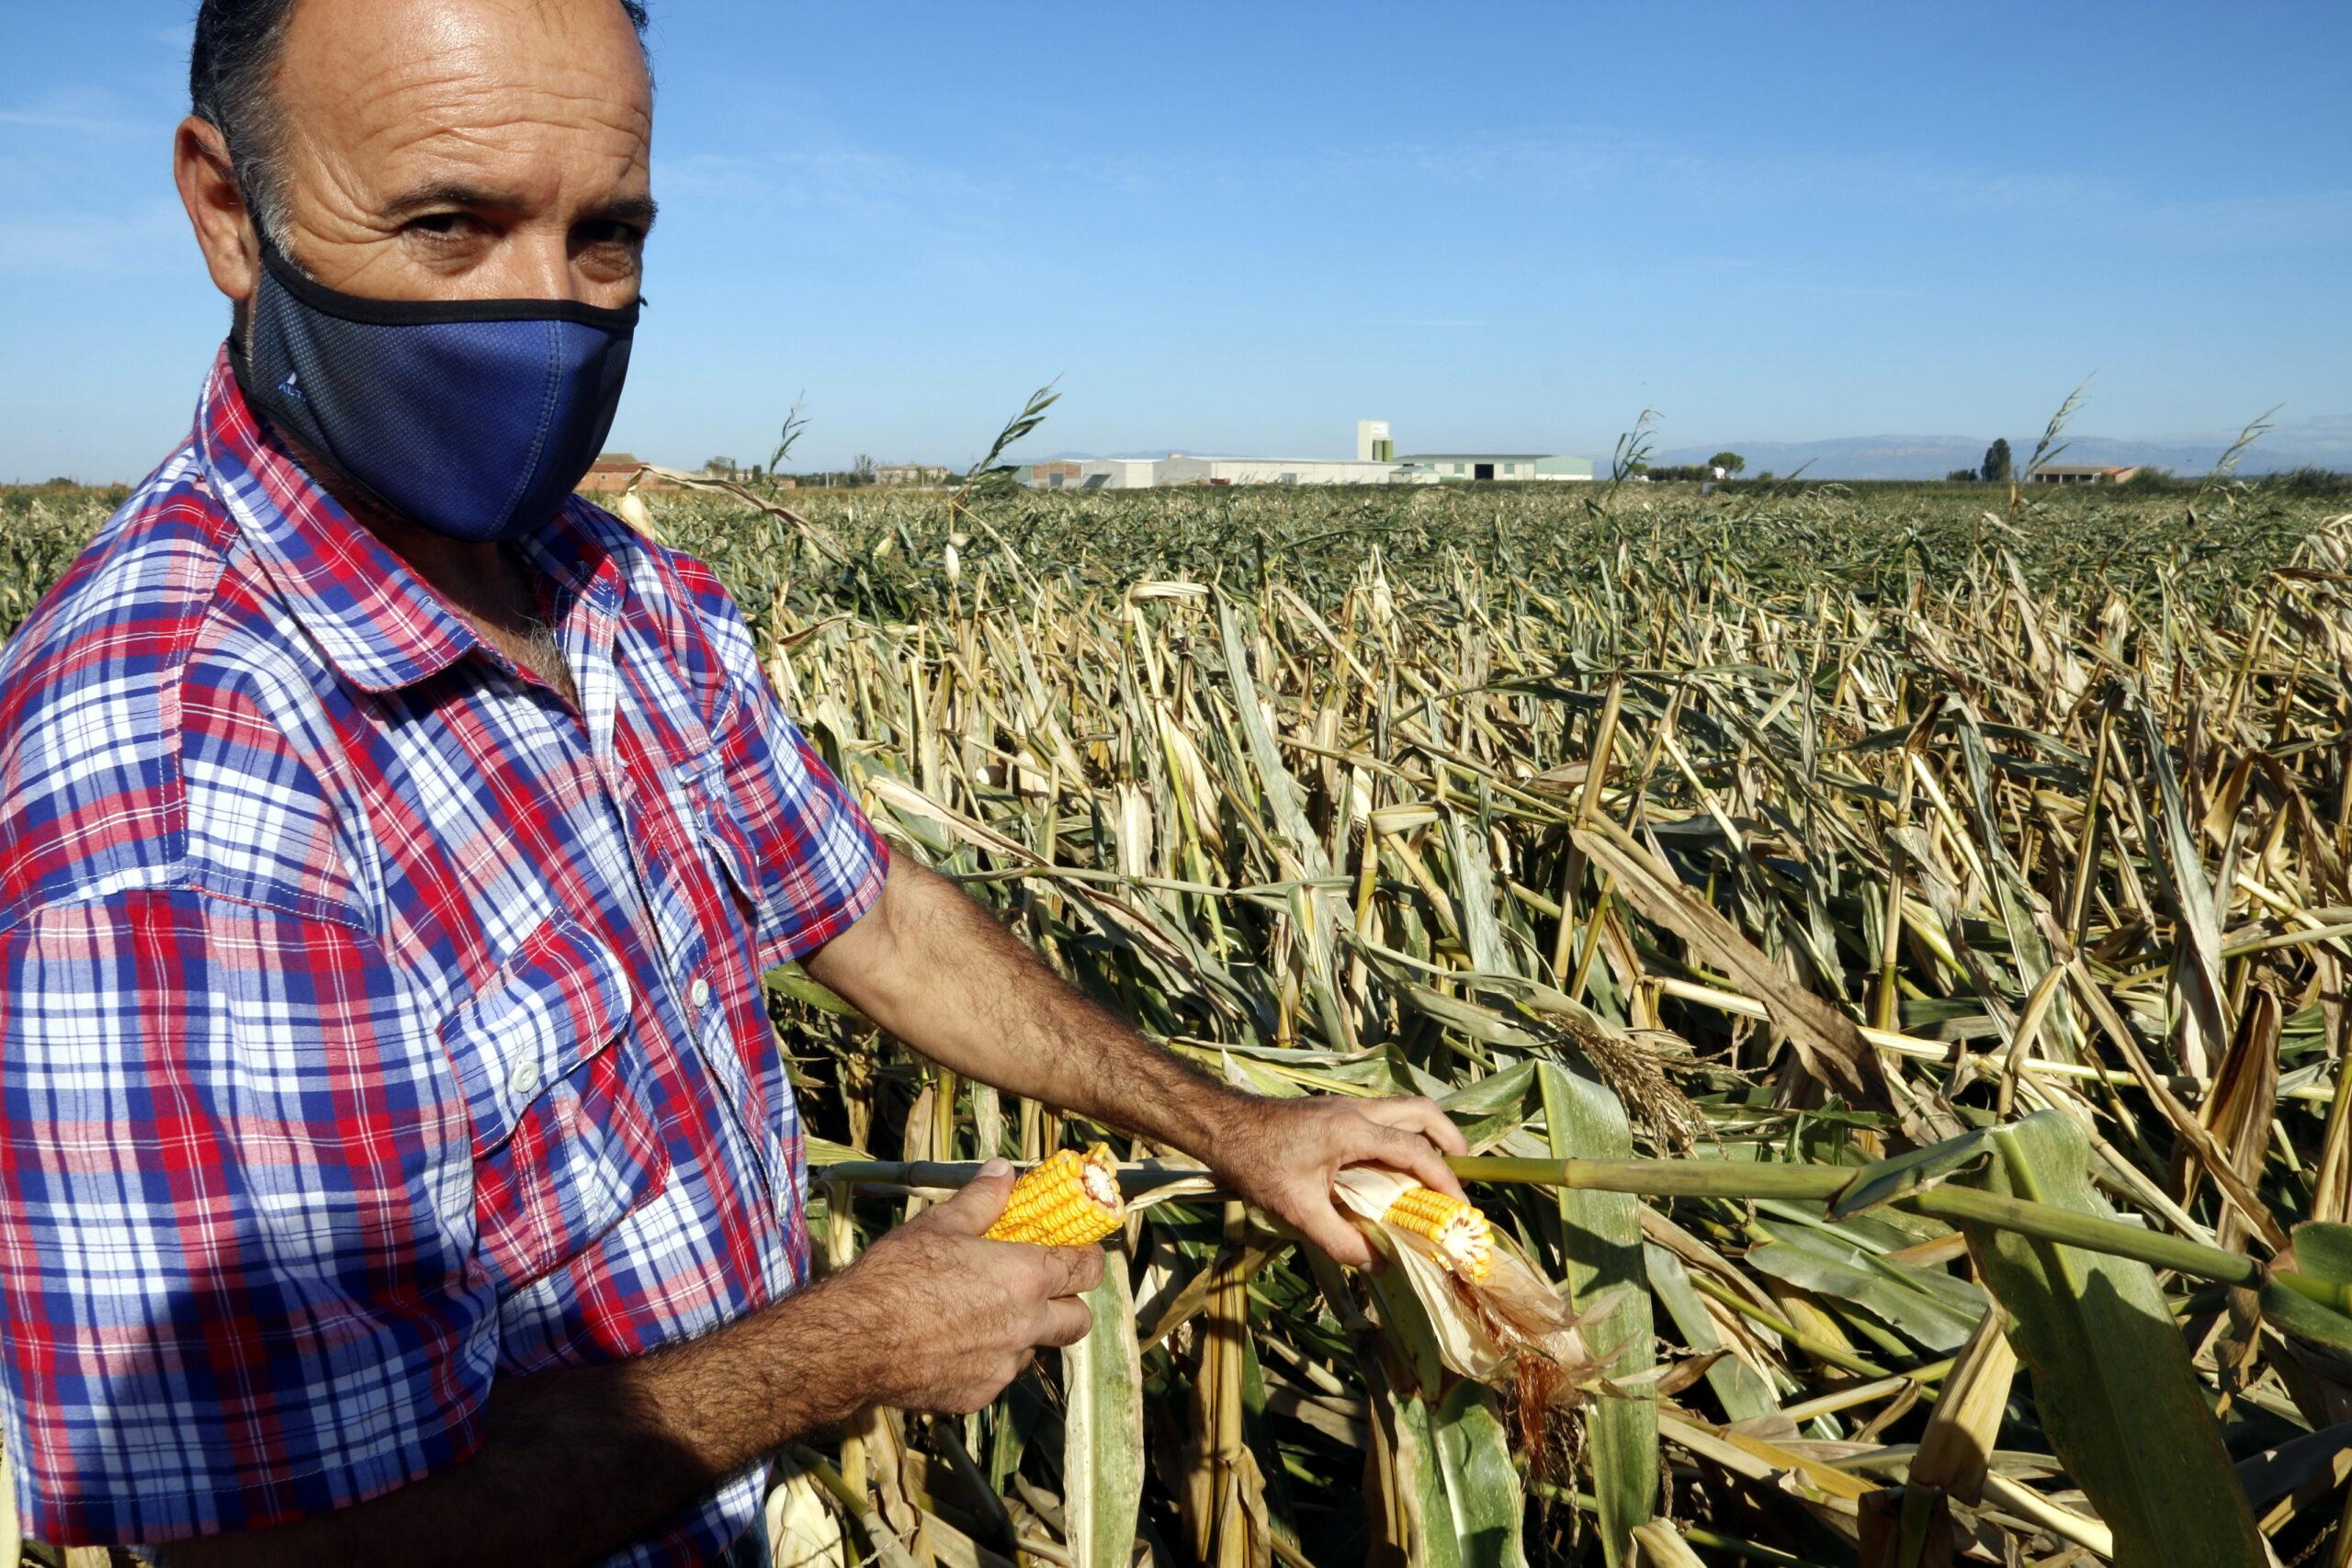 Pla mitjà on es pot veure Josep Petit, pagès de Vila-sana, mostrant una pinya de panís d'una finca afectada per les fortes ventades, el 28 de setembre de 2020. (Horitzontal)